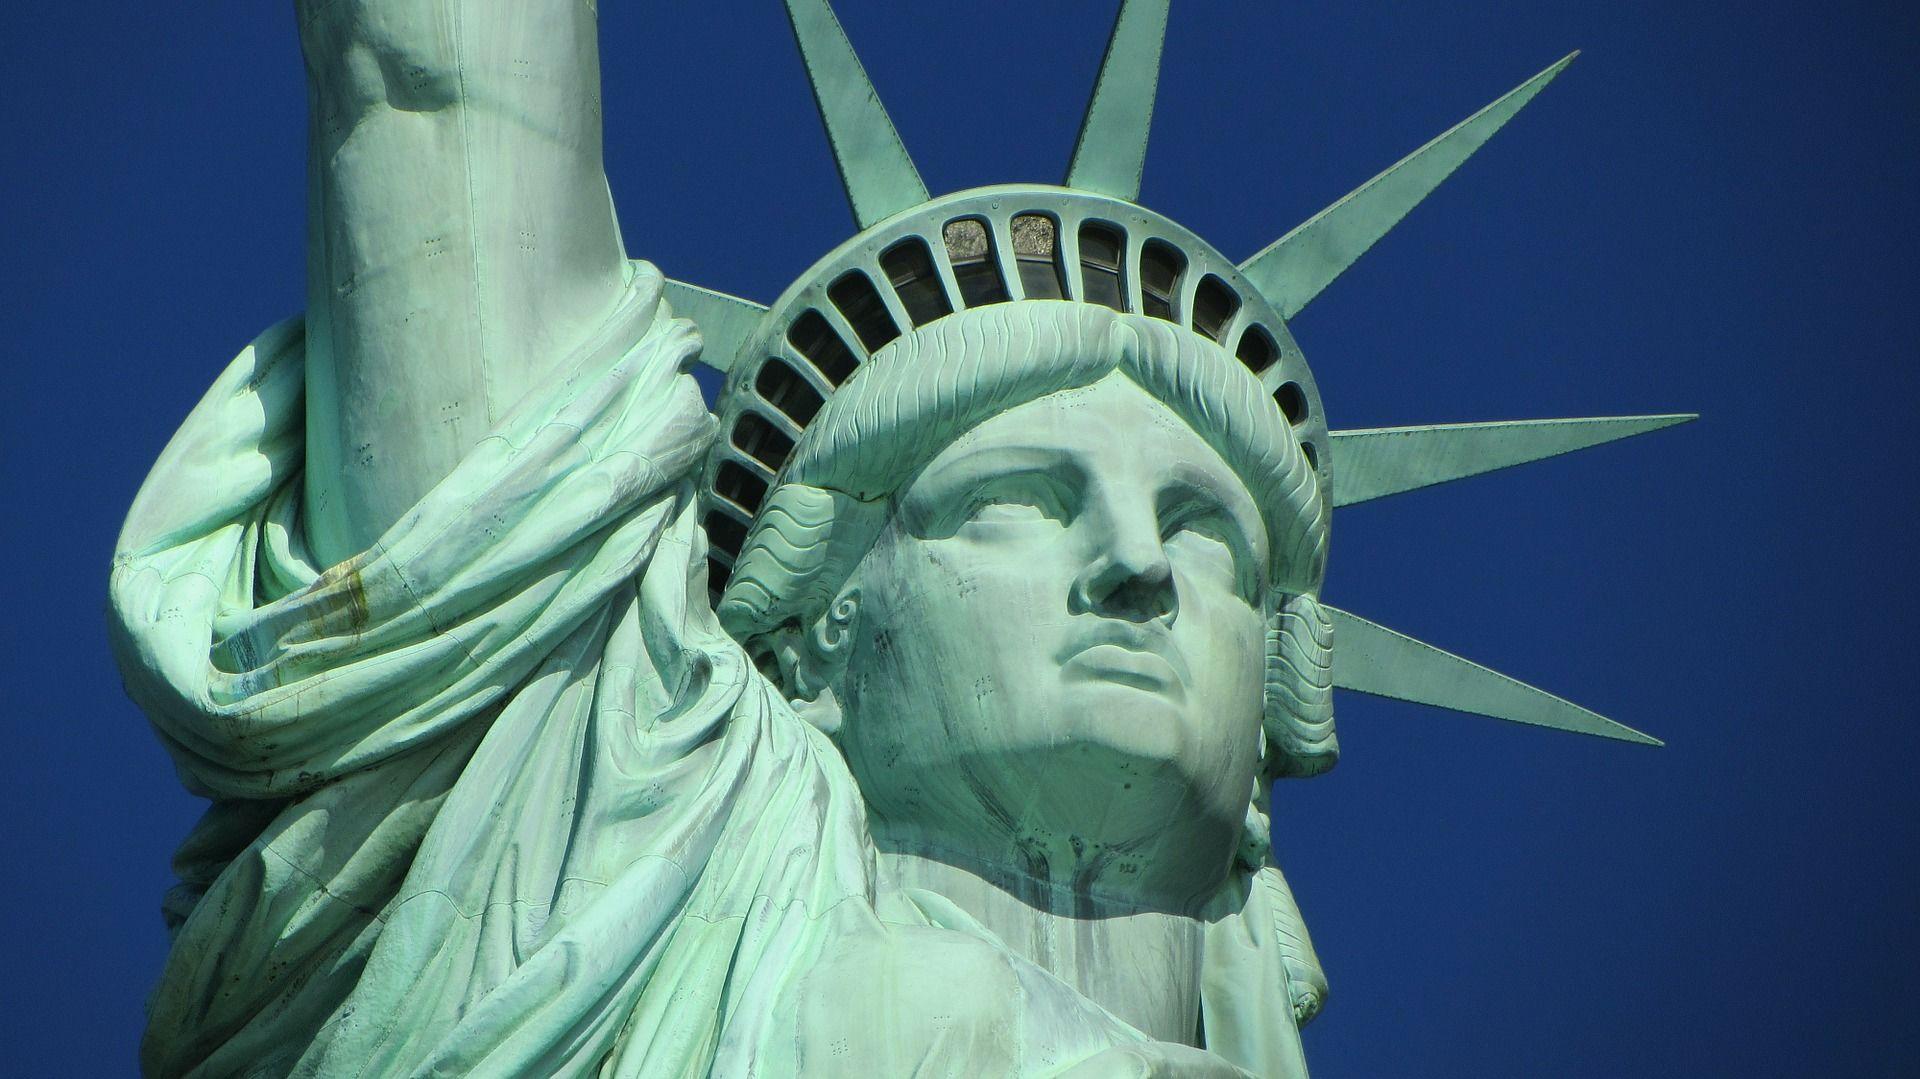 Le réveillon New York séjour avec excursions - voyage  - sejour